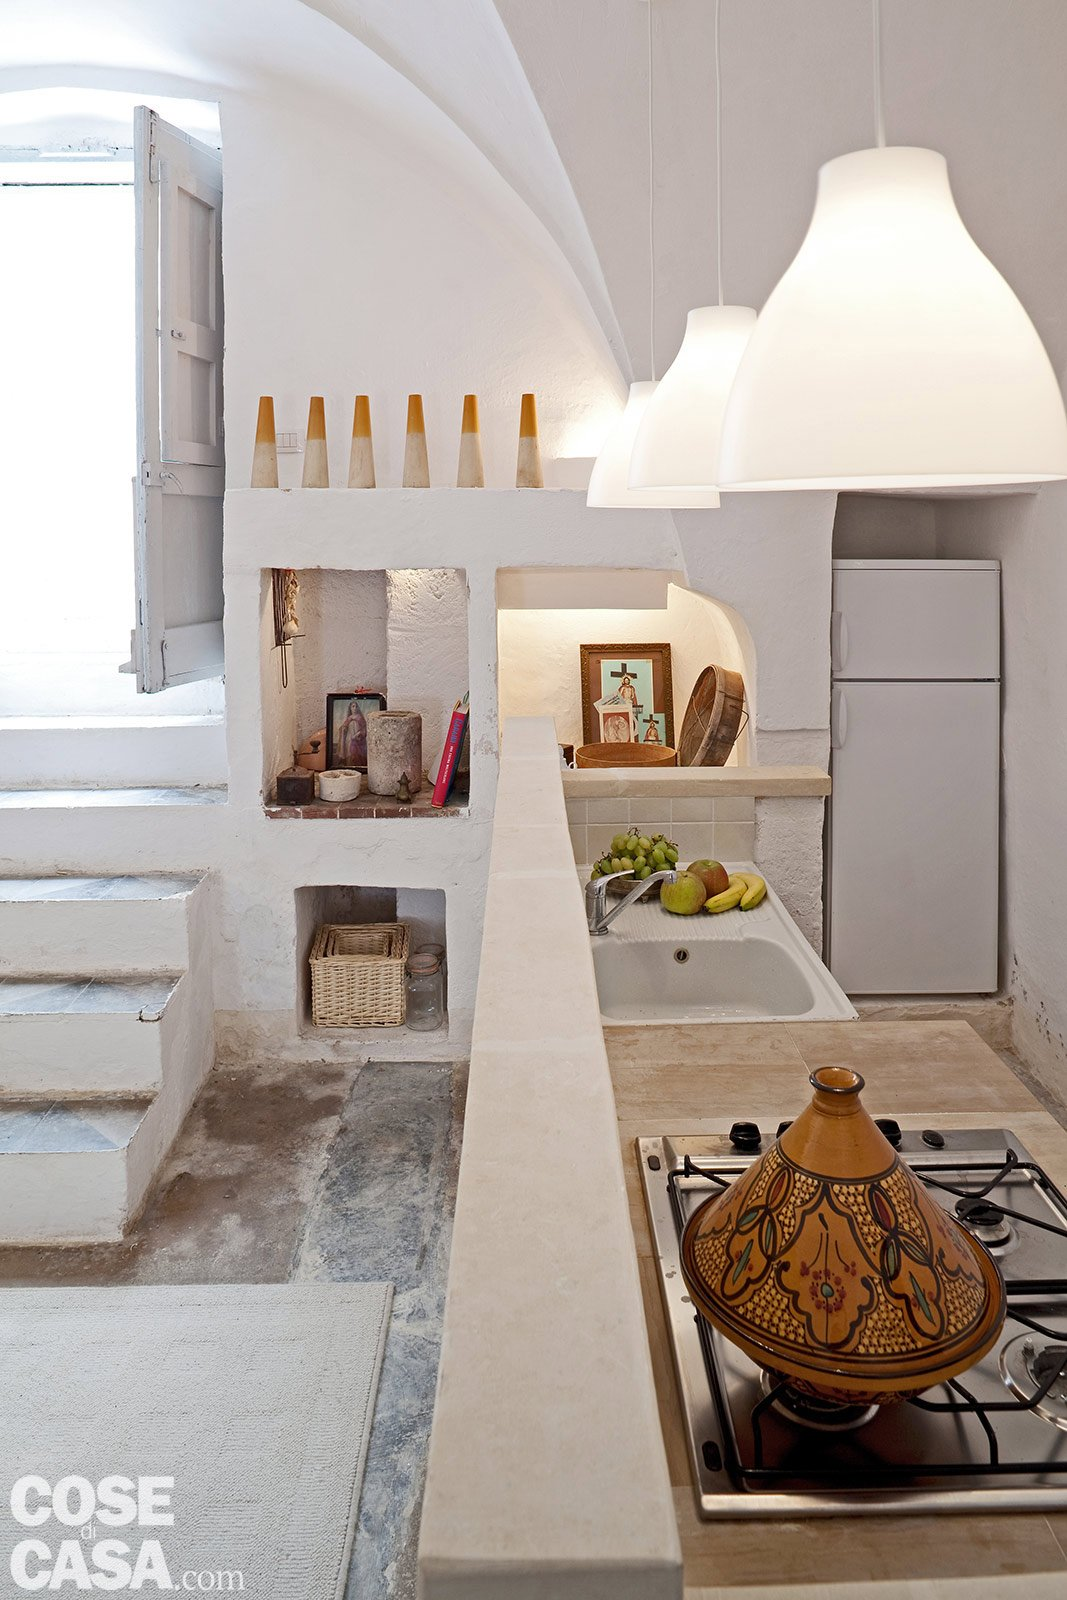 Una casa in pietra in stile mediterraneo cose di casa for Stili di porta d ingresso per case di ranch